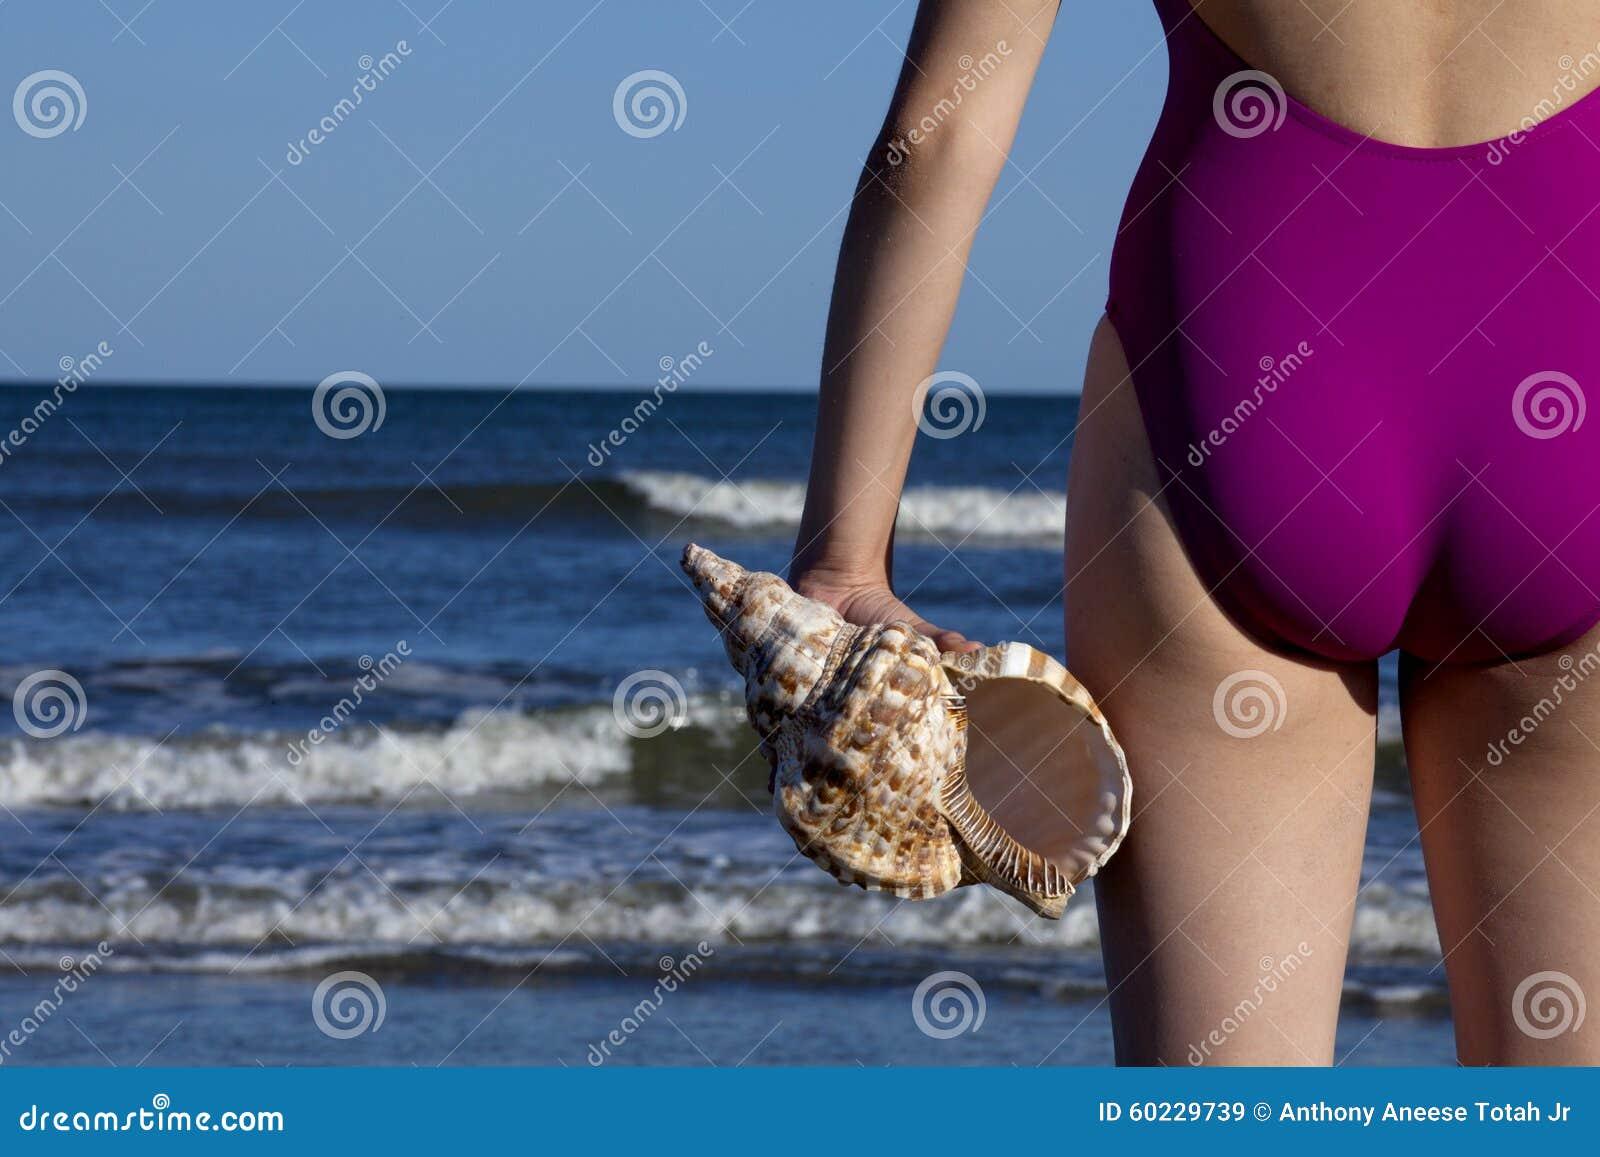 Costume Da Bagno Conchiglia : Bikini conchiglia fantasy level bikini